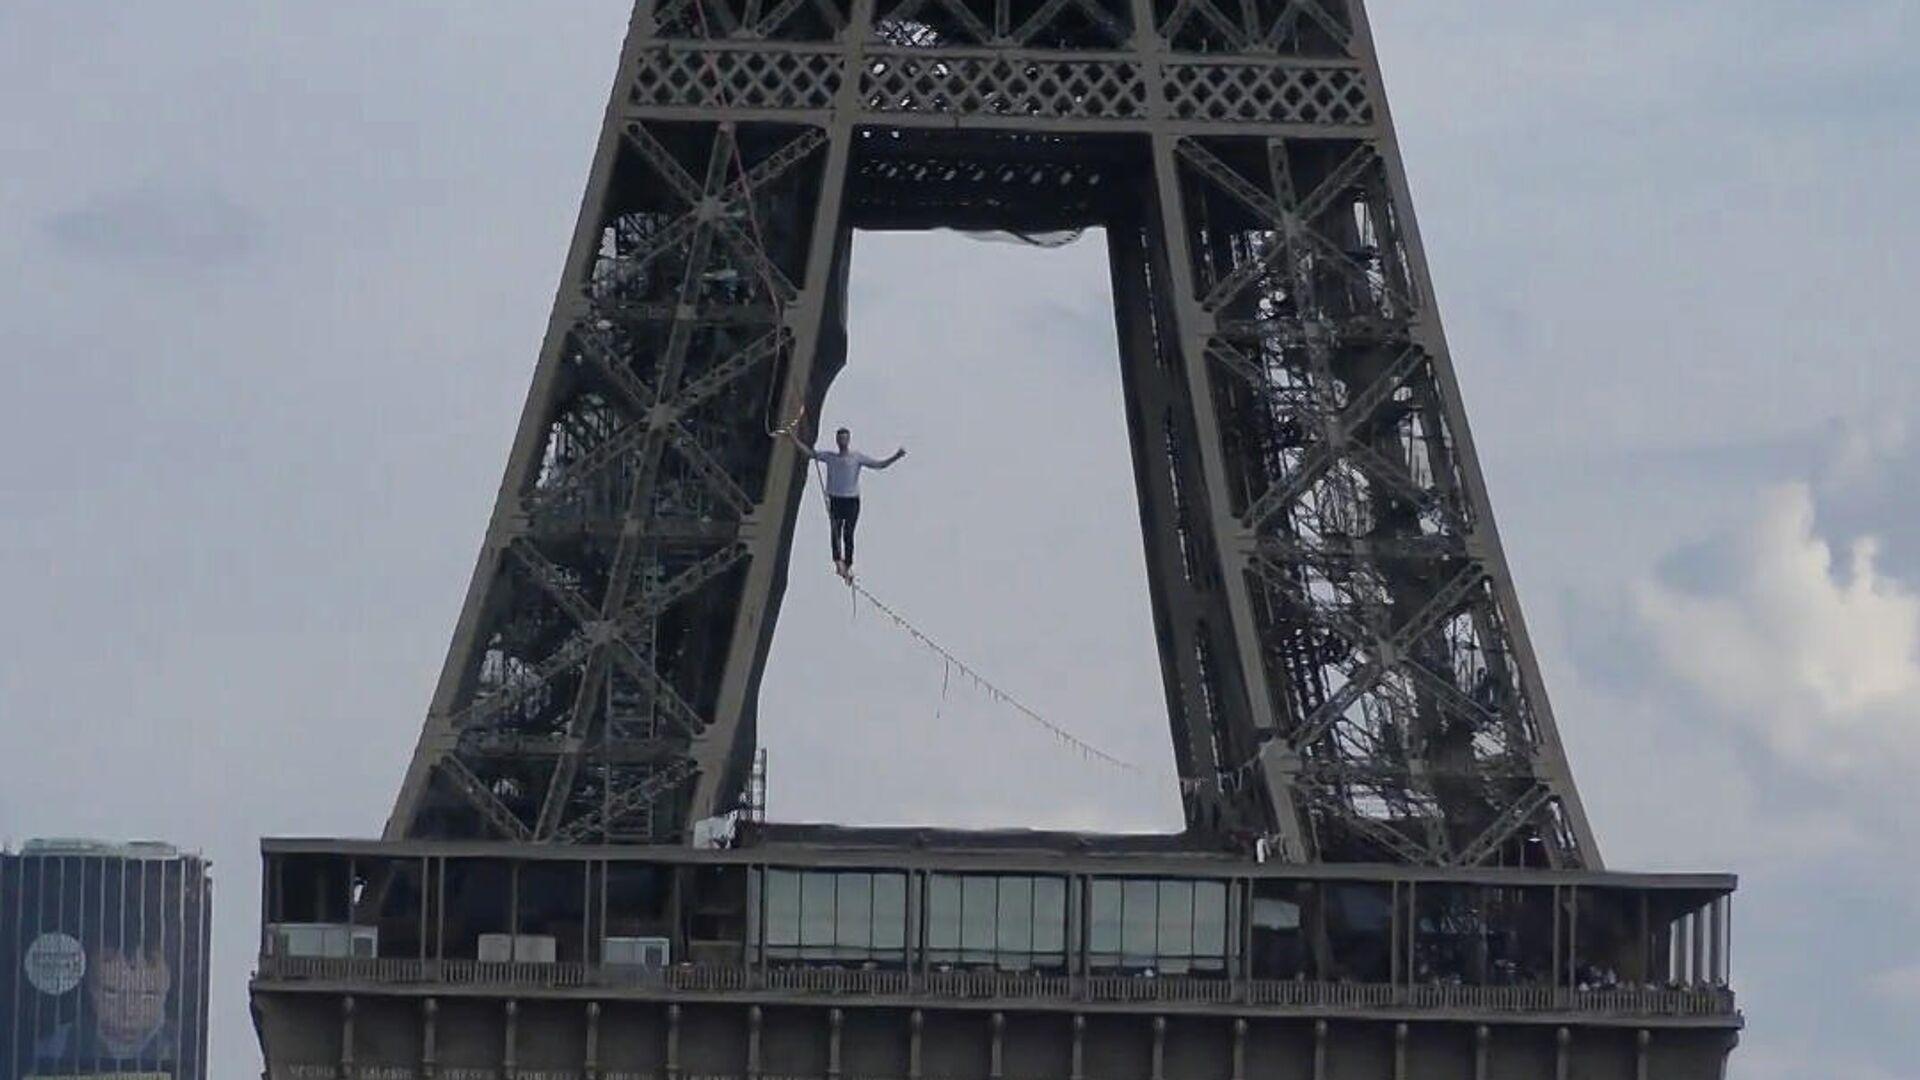 Ακροβατικά που κόβουν την ανάσα: Περπάτησε 600 μέτρα ισορροπώντας σε σχοινί από τον Πύργο του Άιφελ - Sputnik Ελλάδα, 1920, 22.09.2021